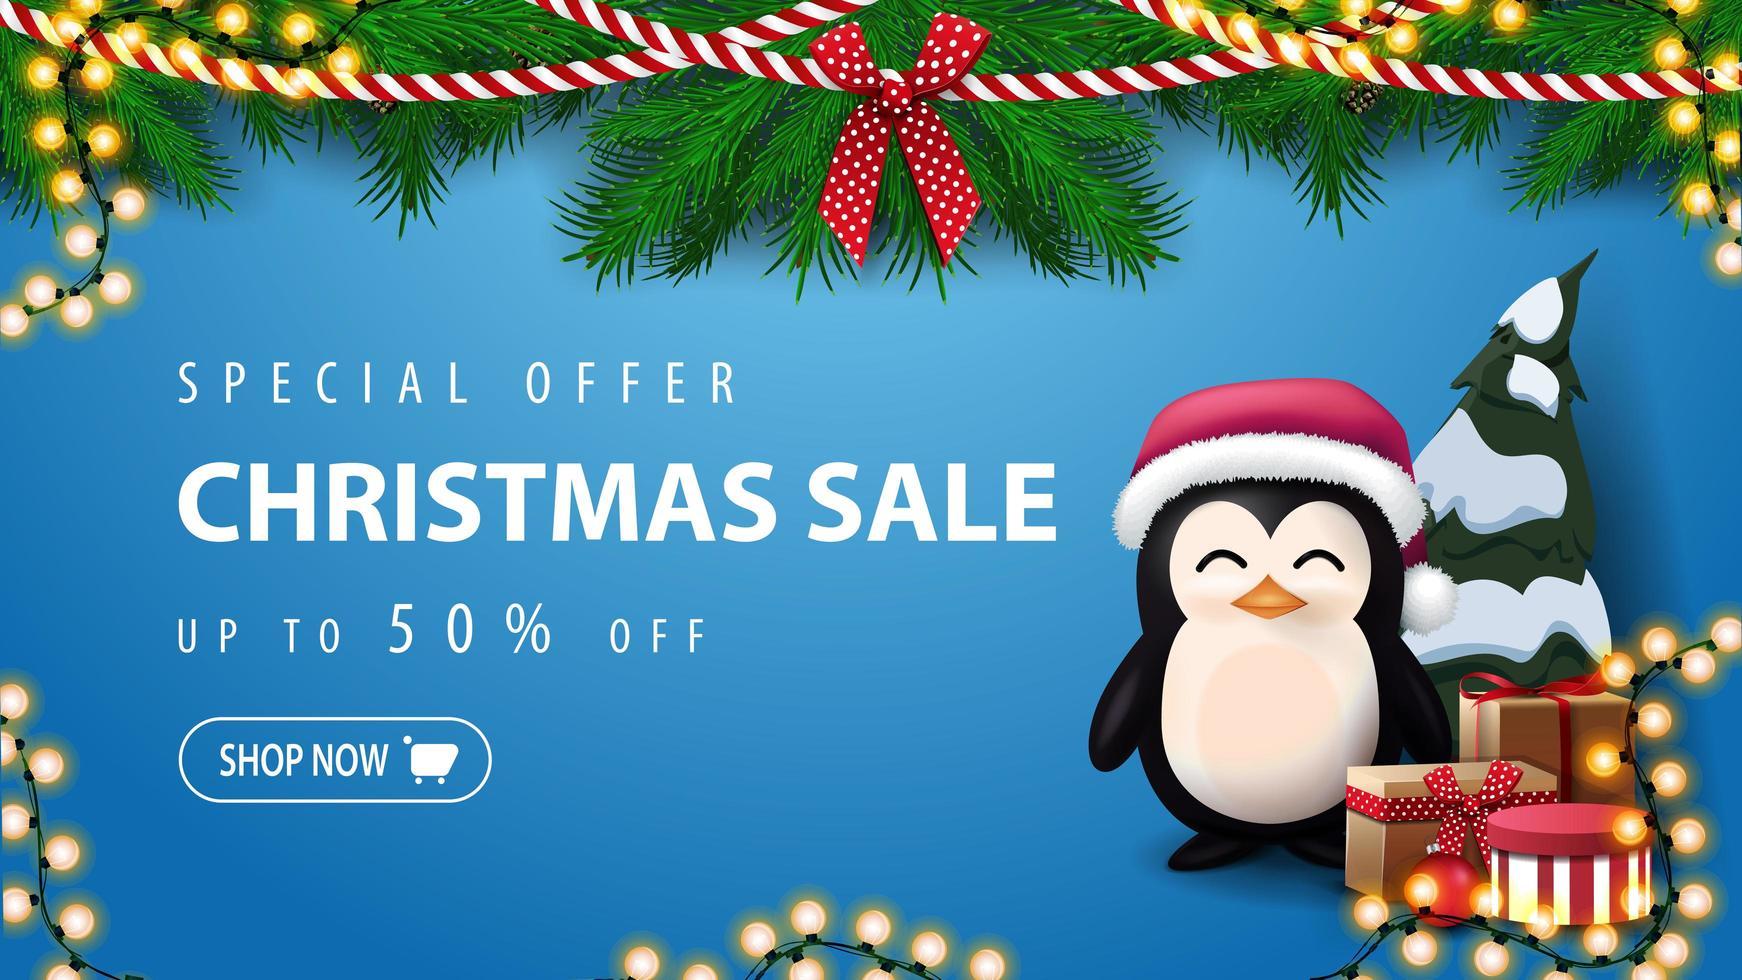 speciale aanbieding, kerstuitverkoop, tot 50 korting, blauwe kortingsbanner met krans van kerstboomtakken en pinguïn in kerstmuts met cadeautjes bij de muur vector